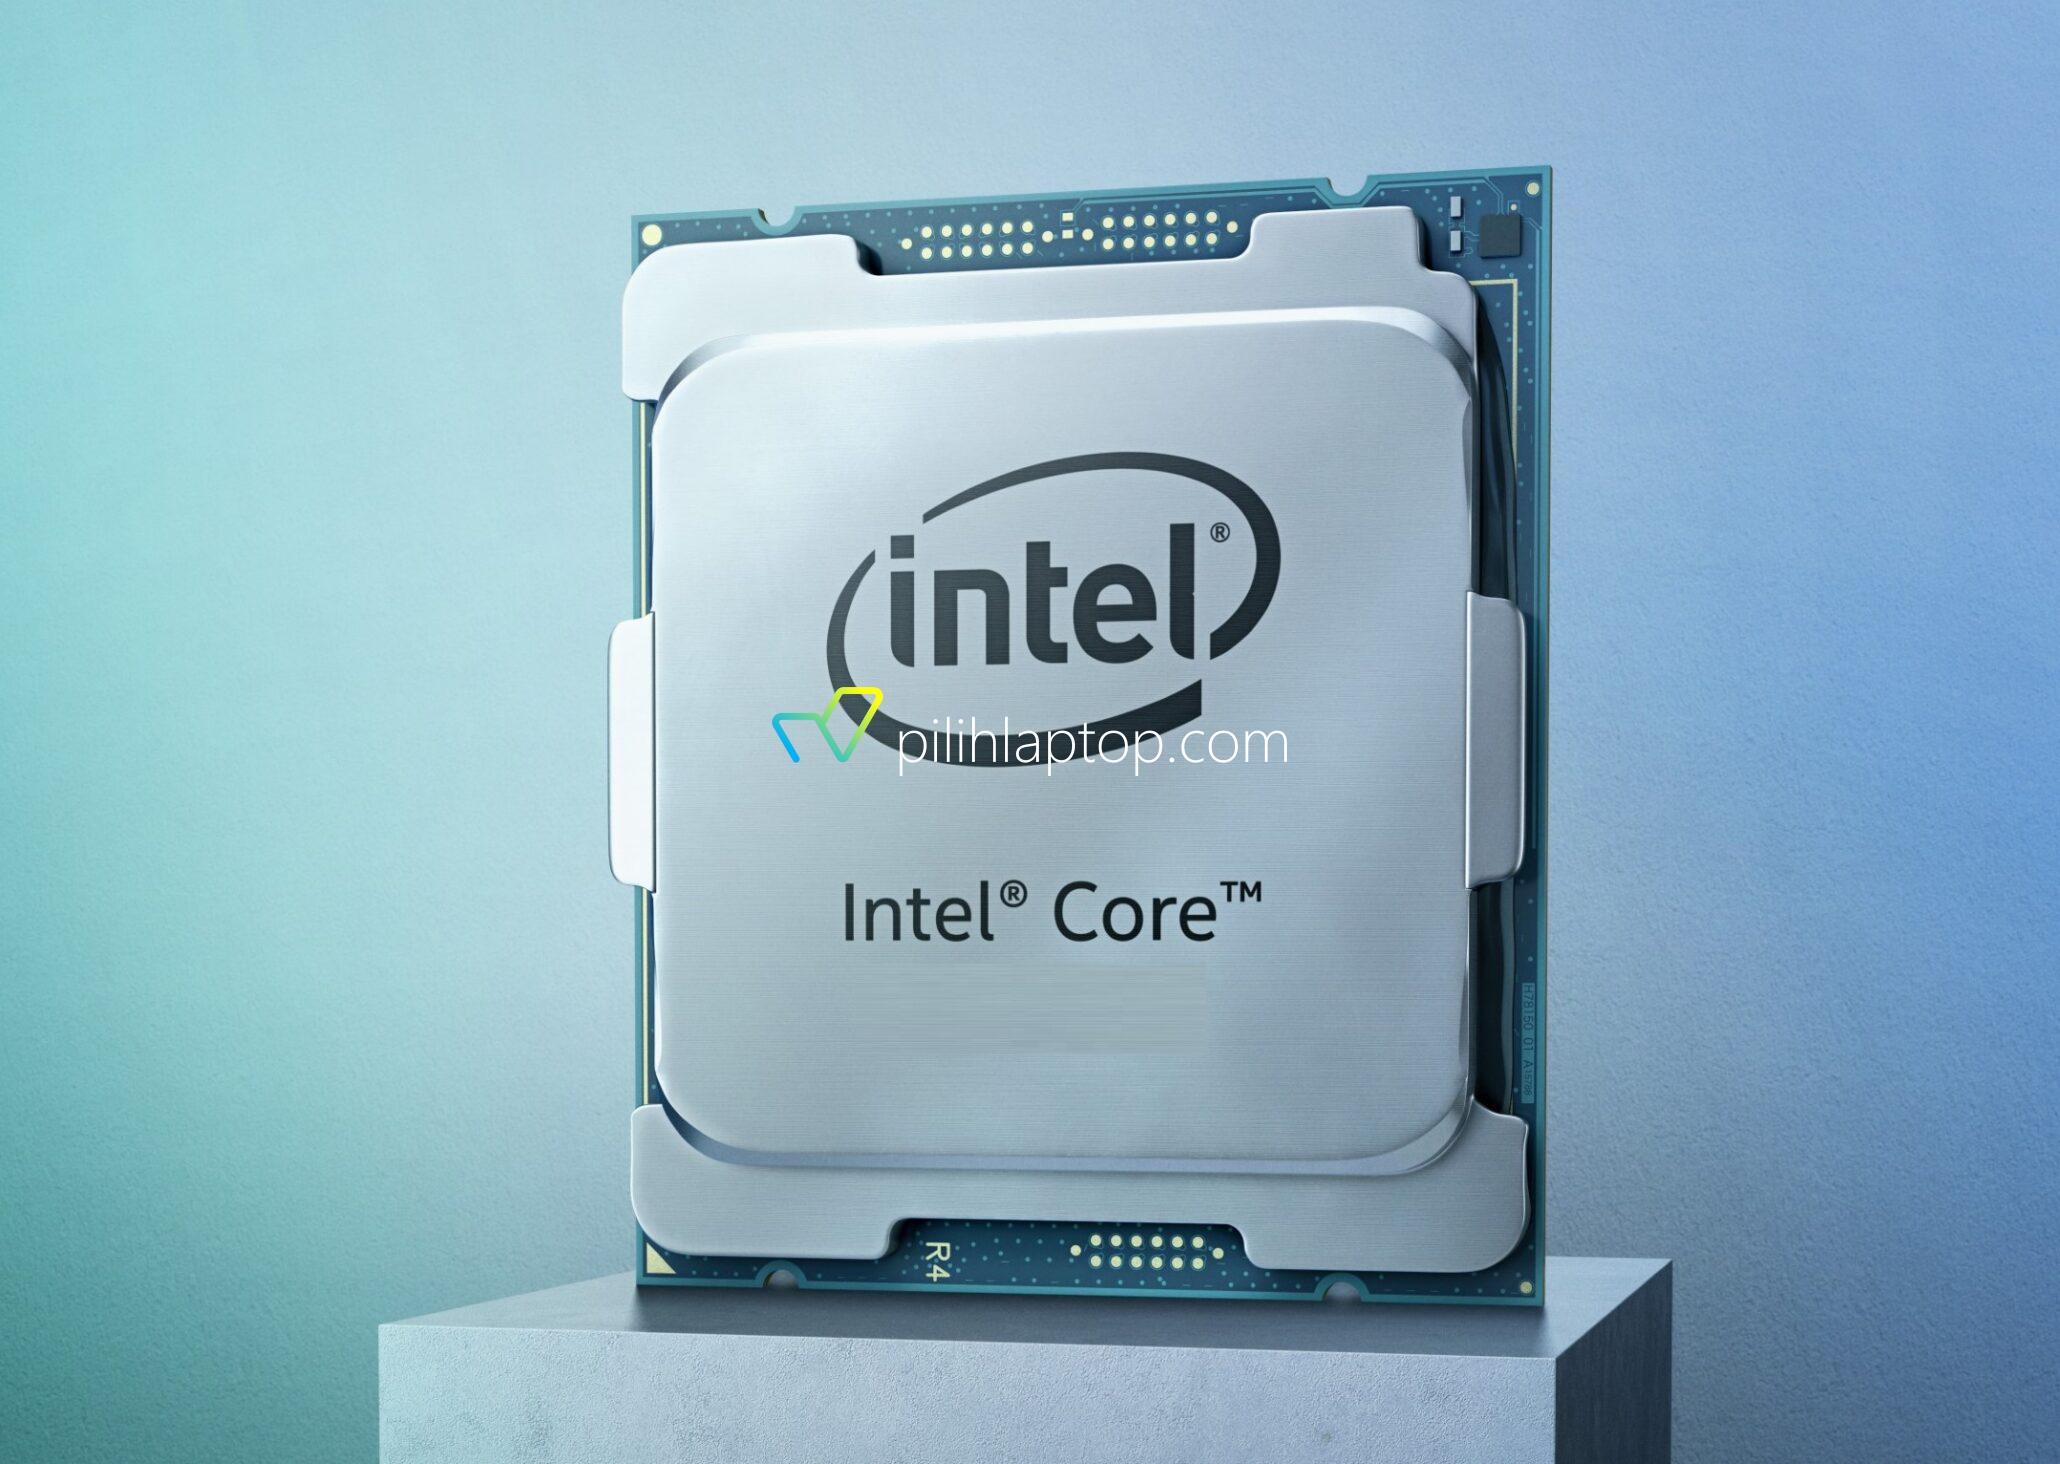 Chip Terbaru dari Intel yang siap bersaing melawan M1 Apple !